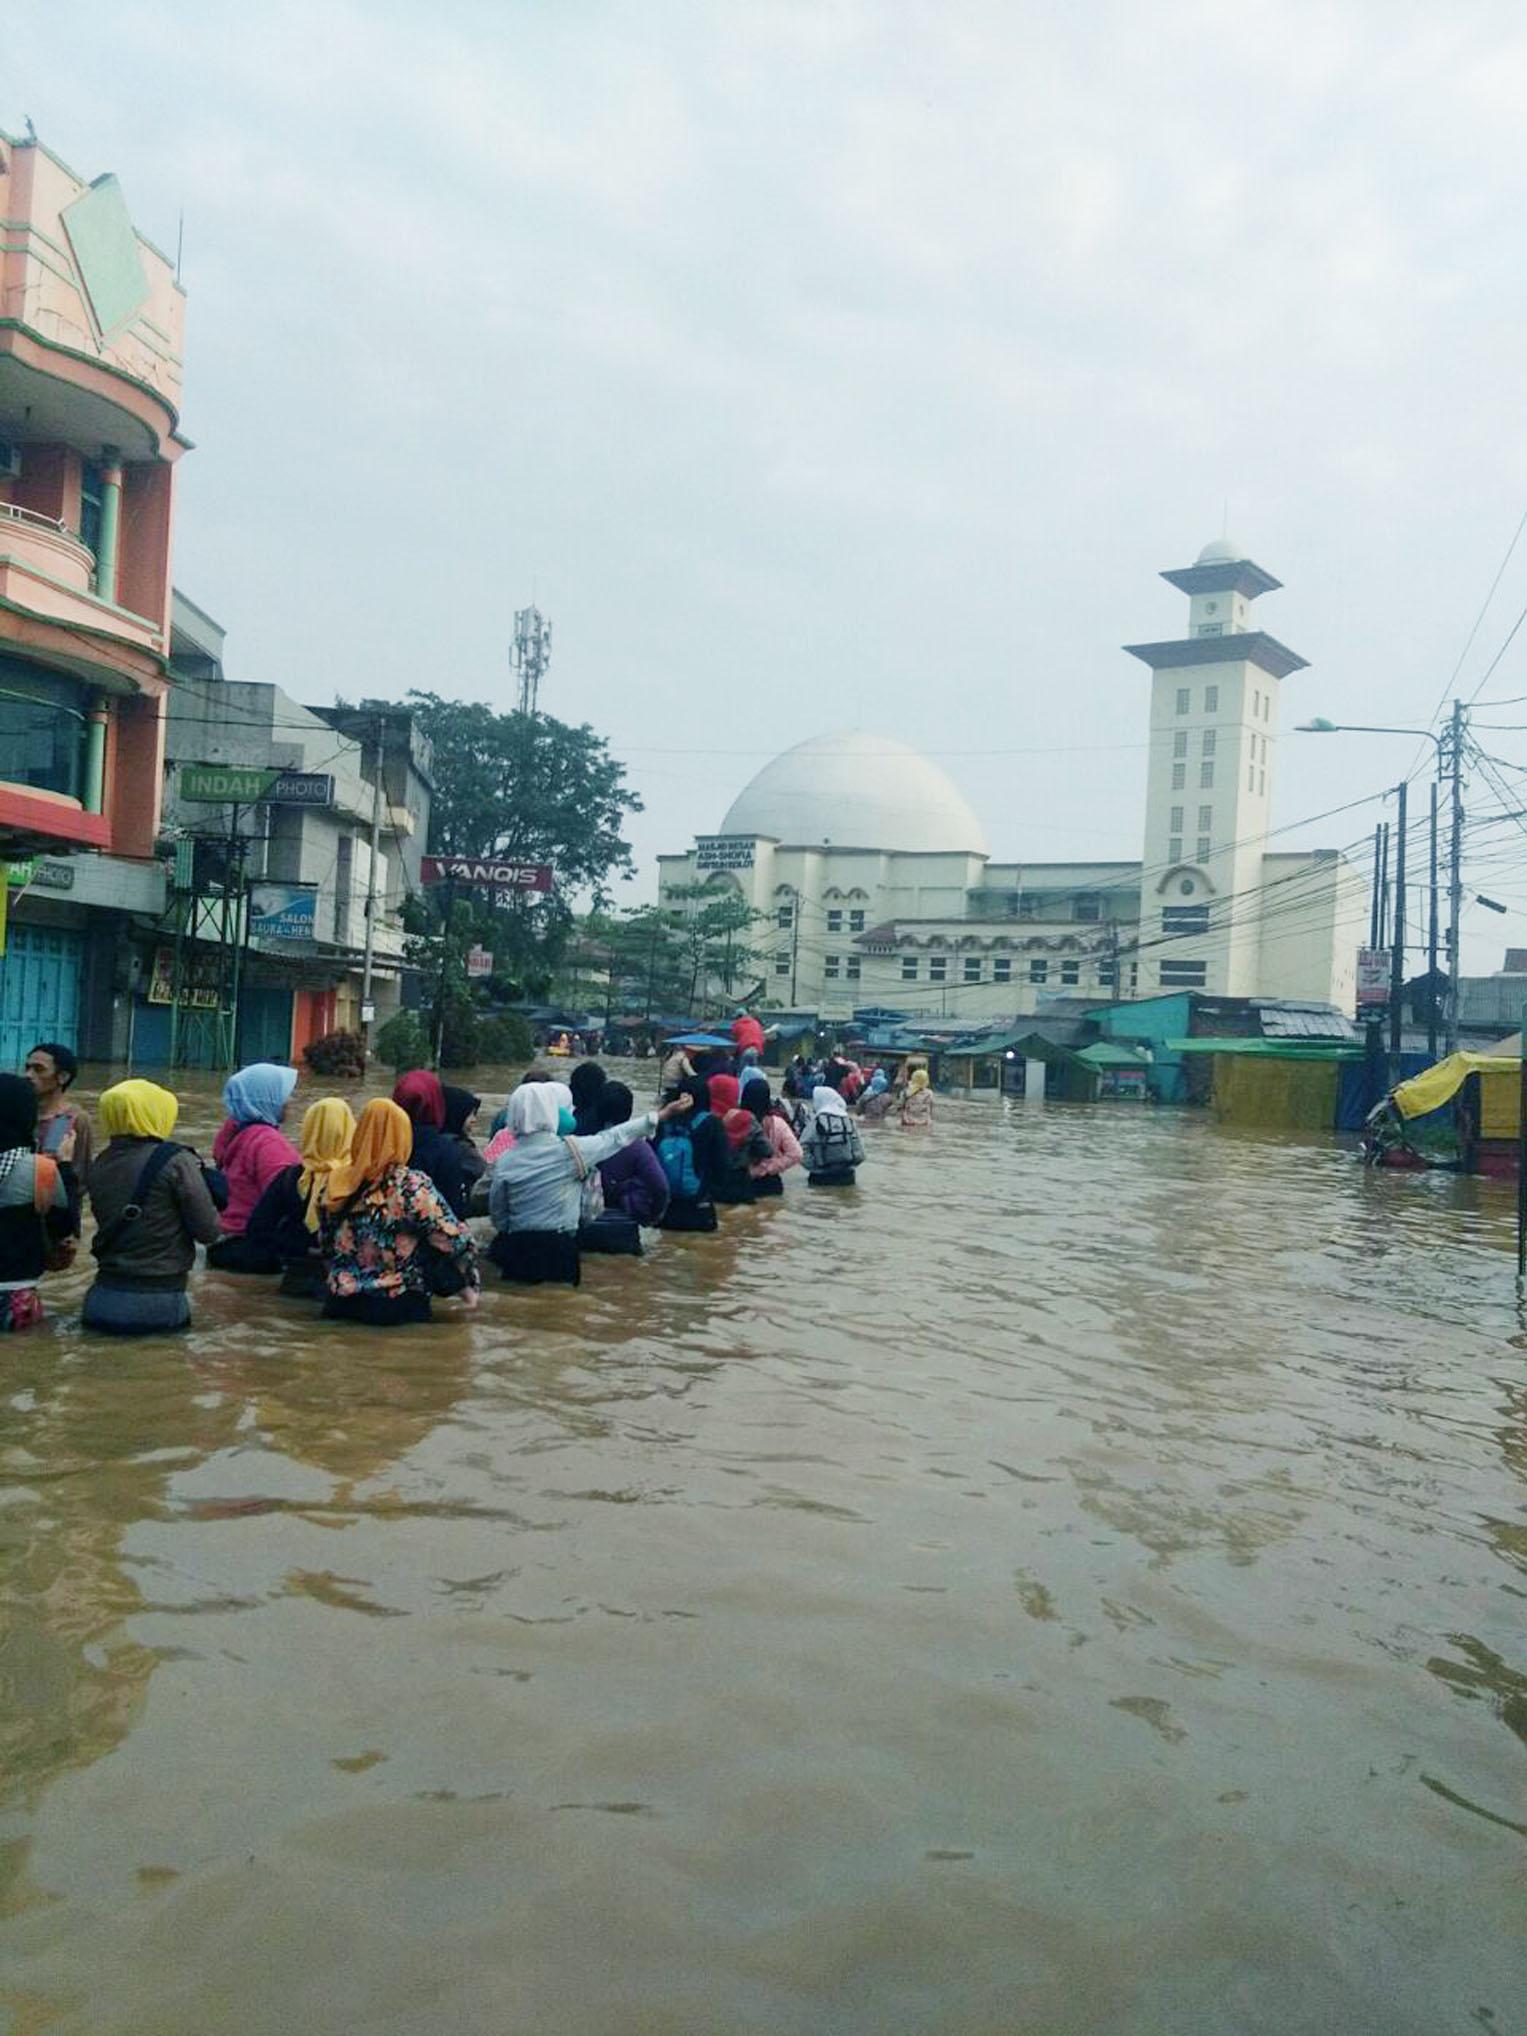 Banjir di kawasan Dayeuhkolot Bandung, Selasa (13/3/18) menyebabkan masyarakat terpaksa harus berusaha keras untuk bisa ke rumah sepulang bekerja.